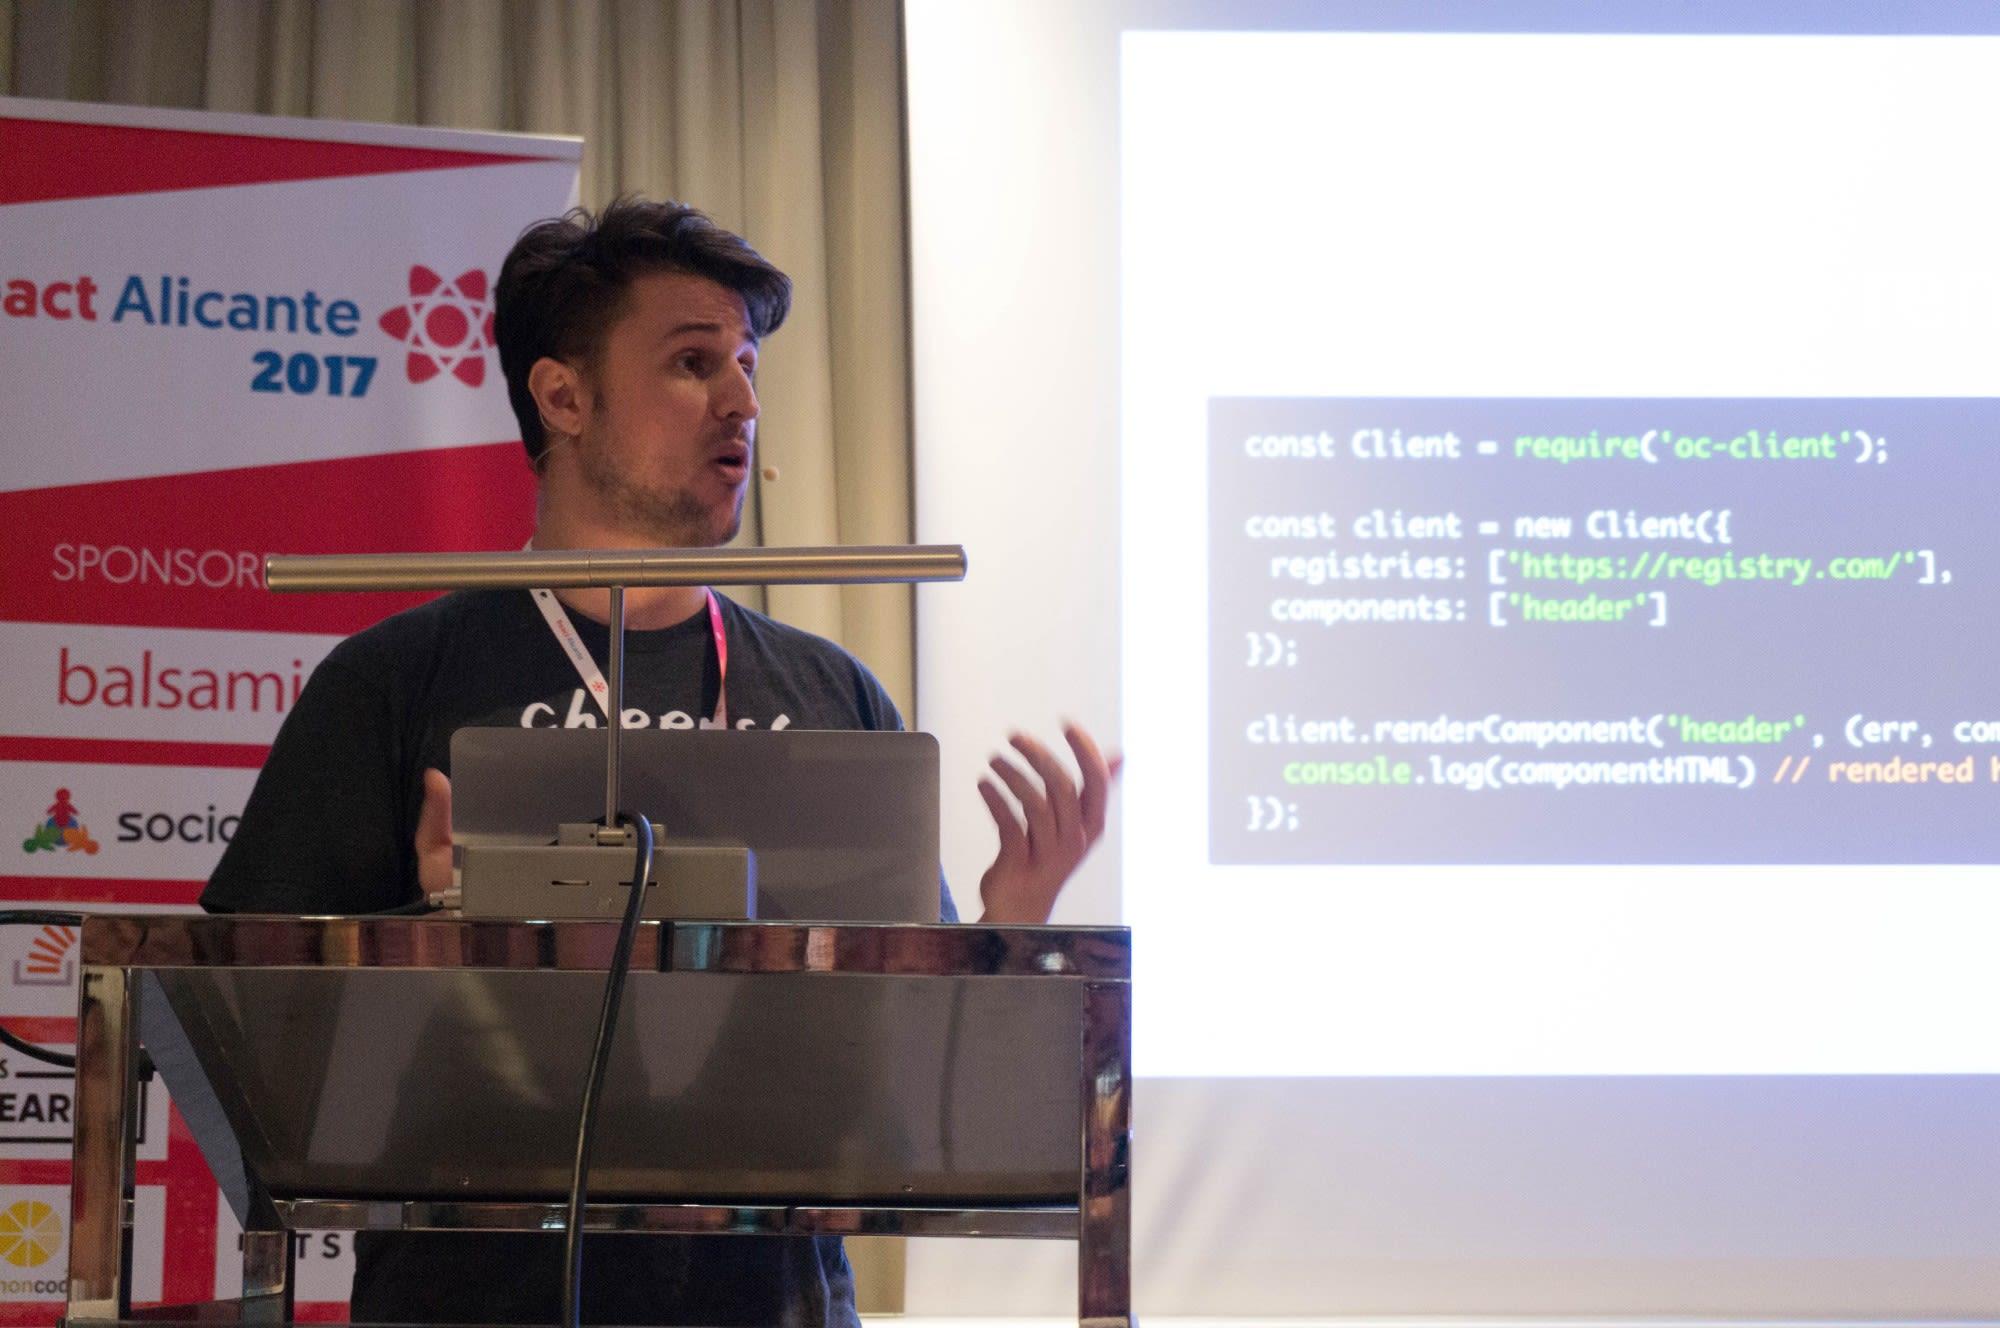 Nick Balestra speaking at React Alicante